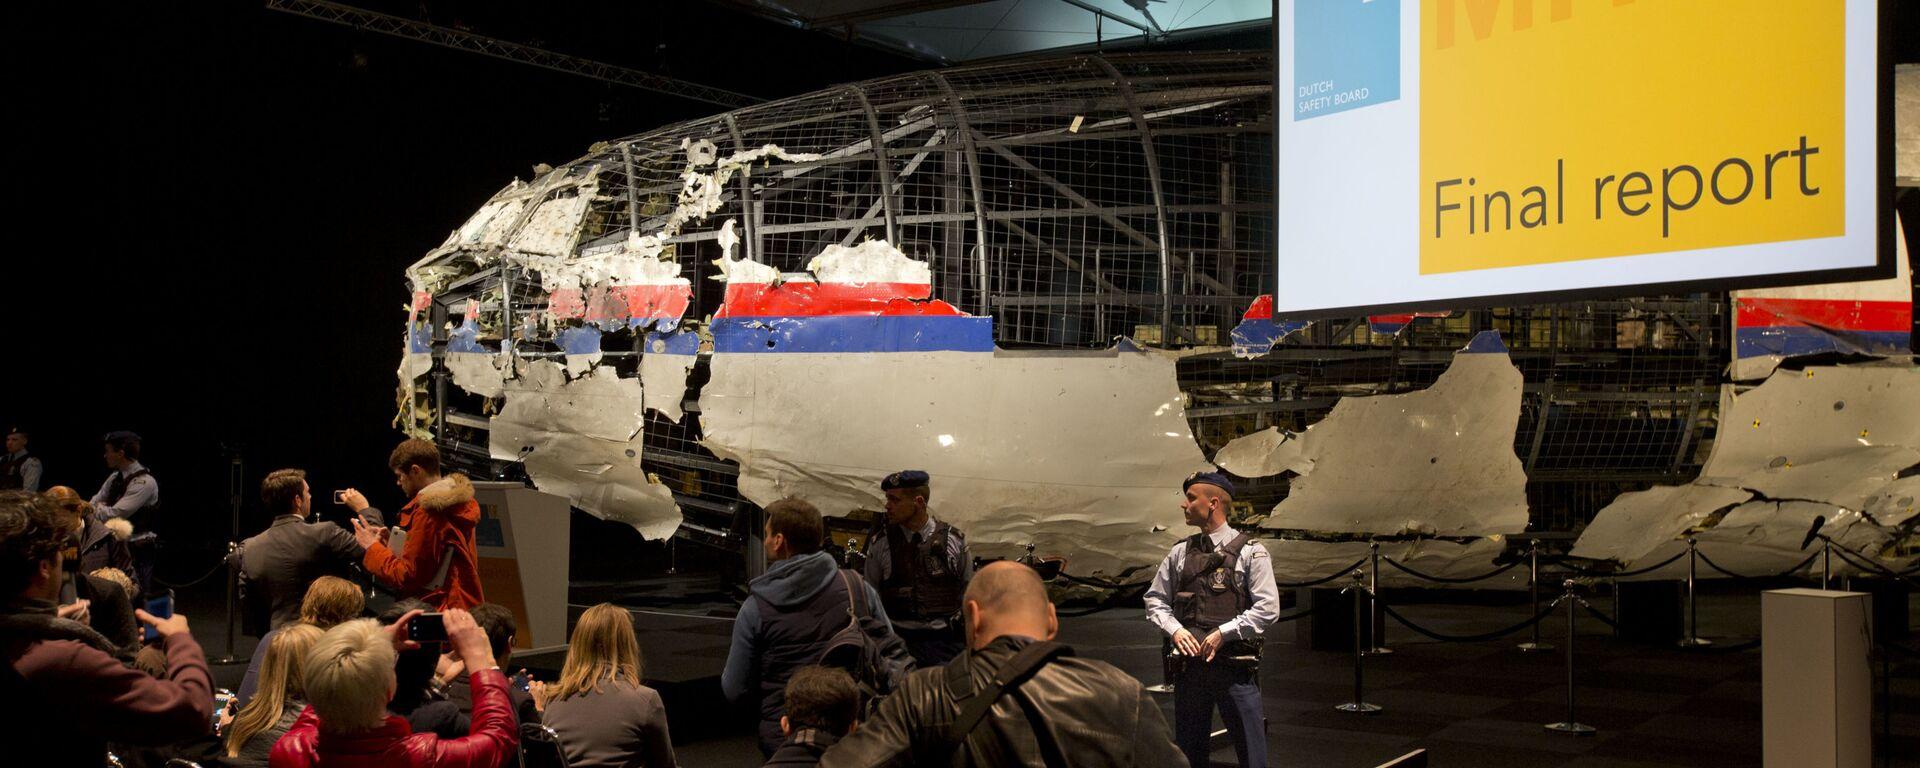 Úlomky Boeingu 777 během prezentace výsledků vyšetřování katastrofy letu MH17 - Sputnik Česká republika, 1920, 24.06.2021